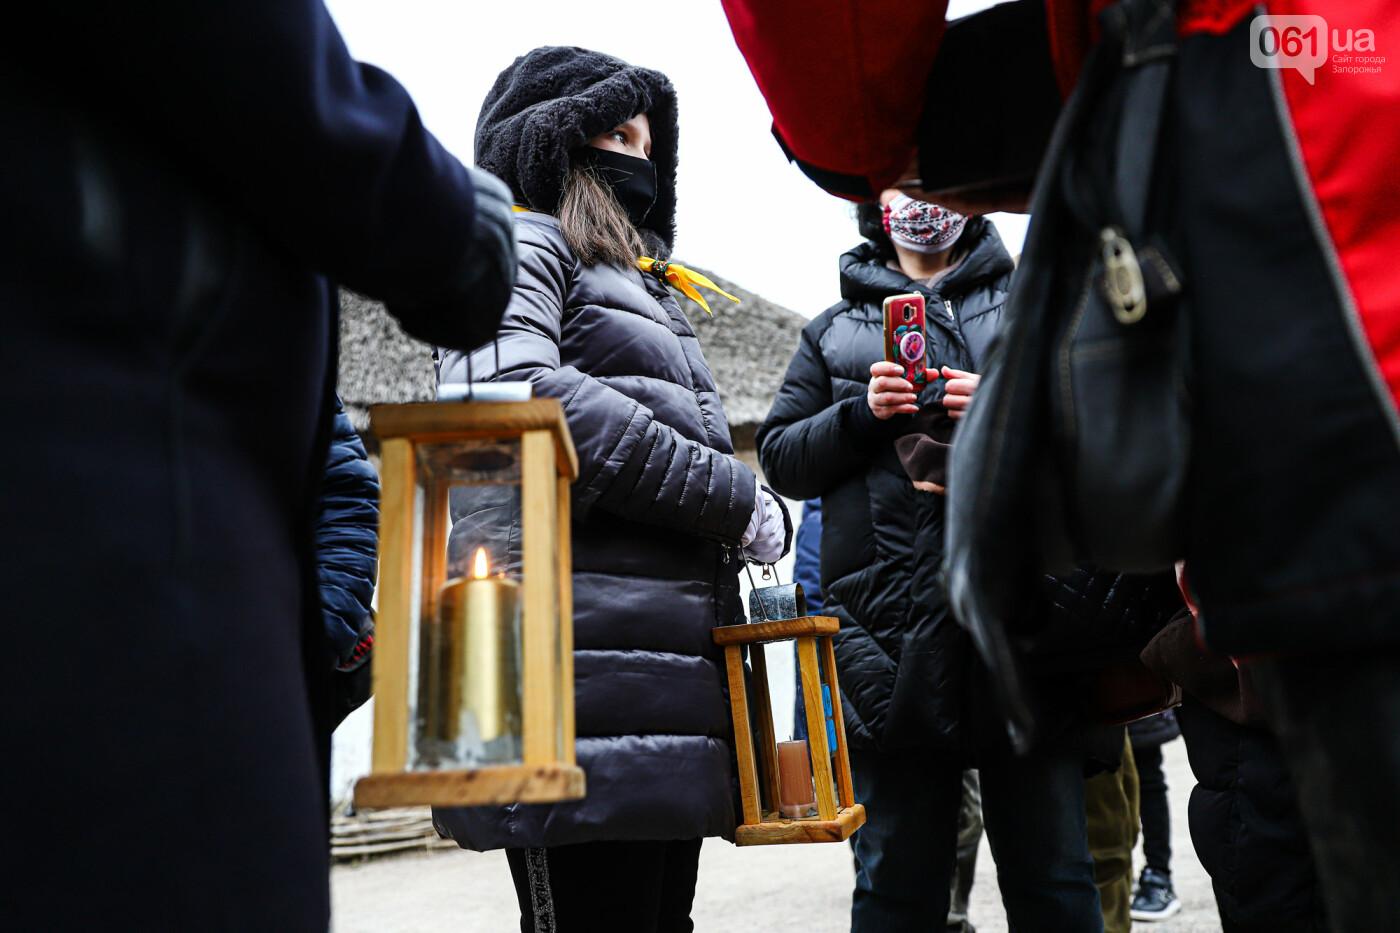 На Хортице скауты передали священникам Вифлеемский огонь, - ФОТОРЕПОРТАЖ, фото-8